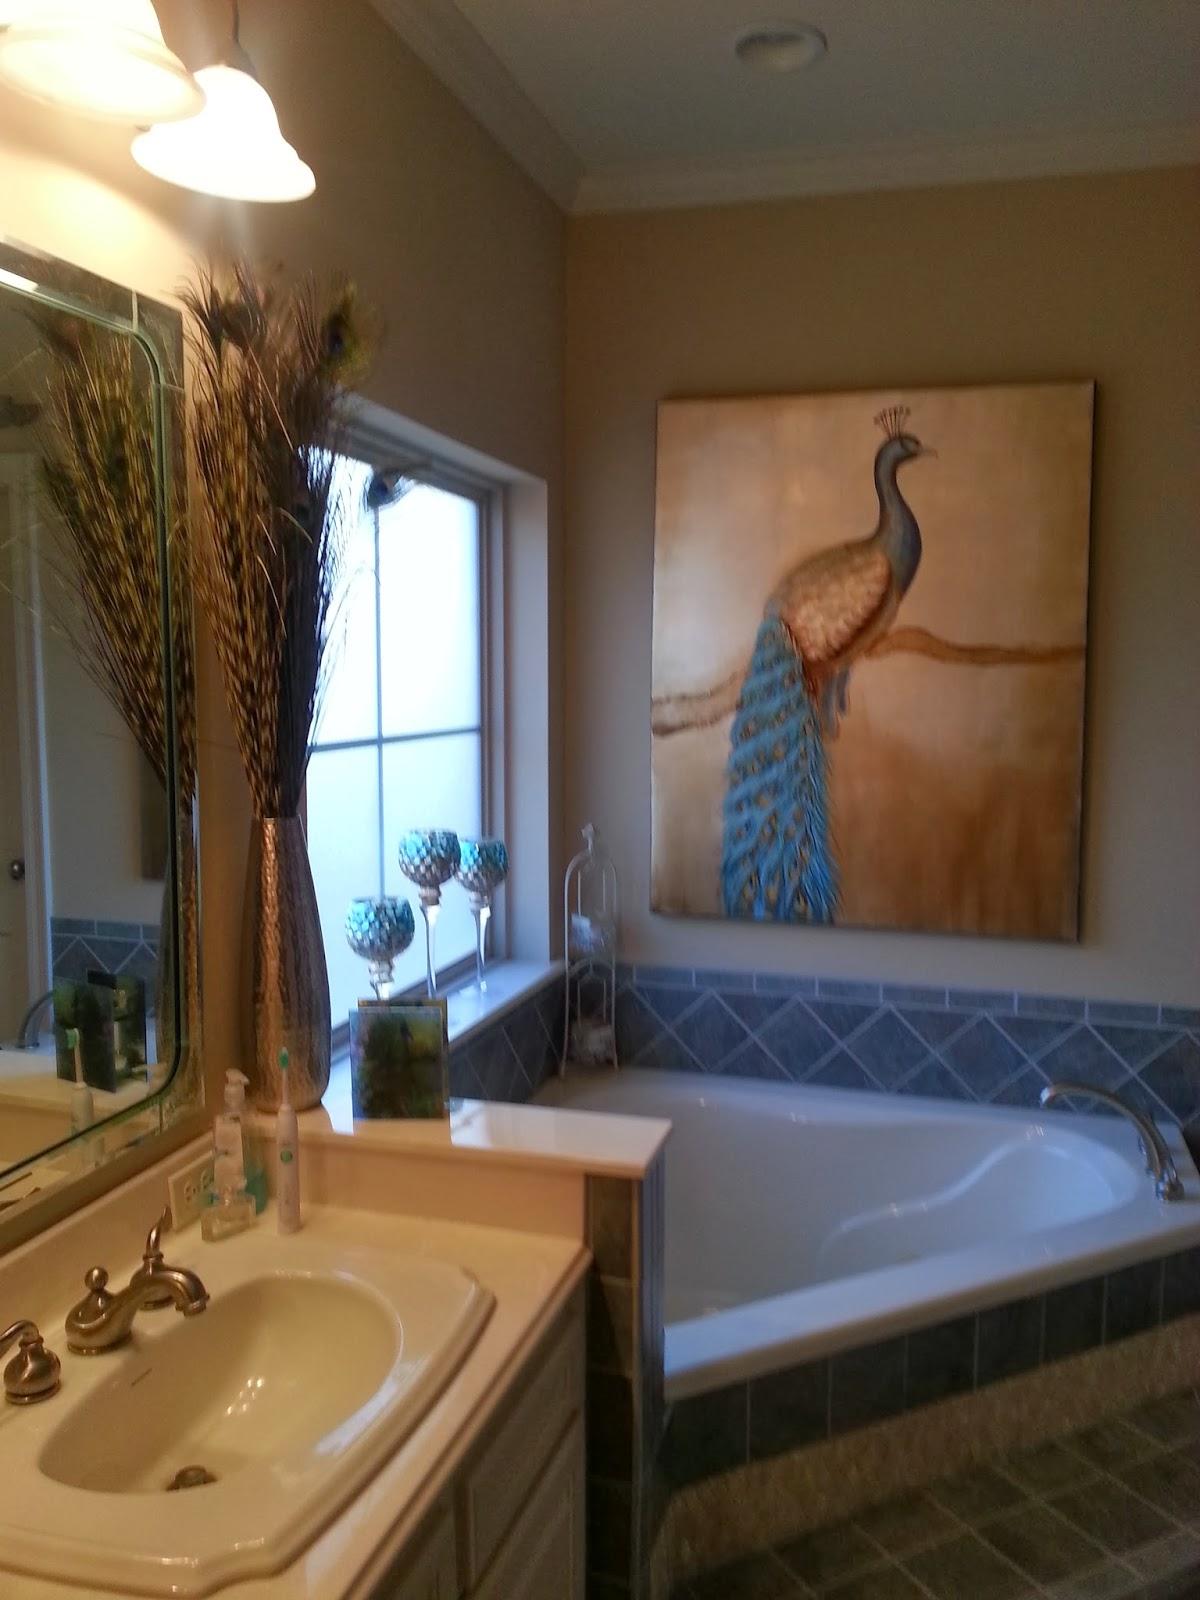 Peacock Bathroom Wall